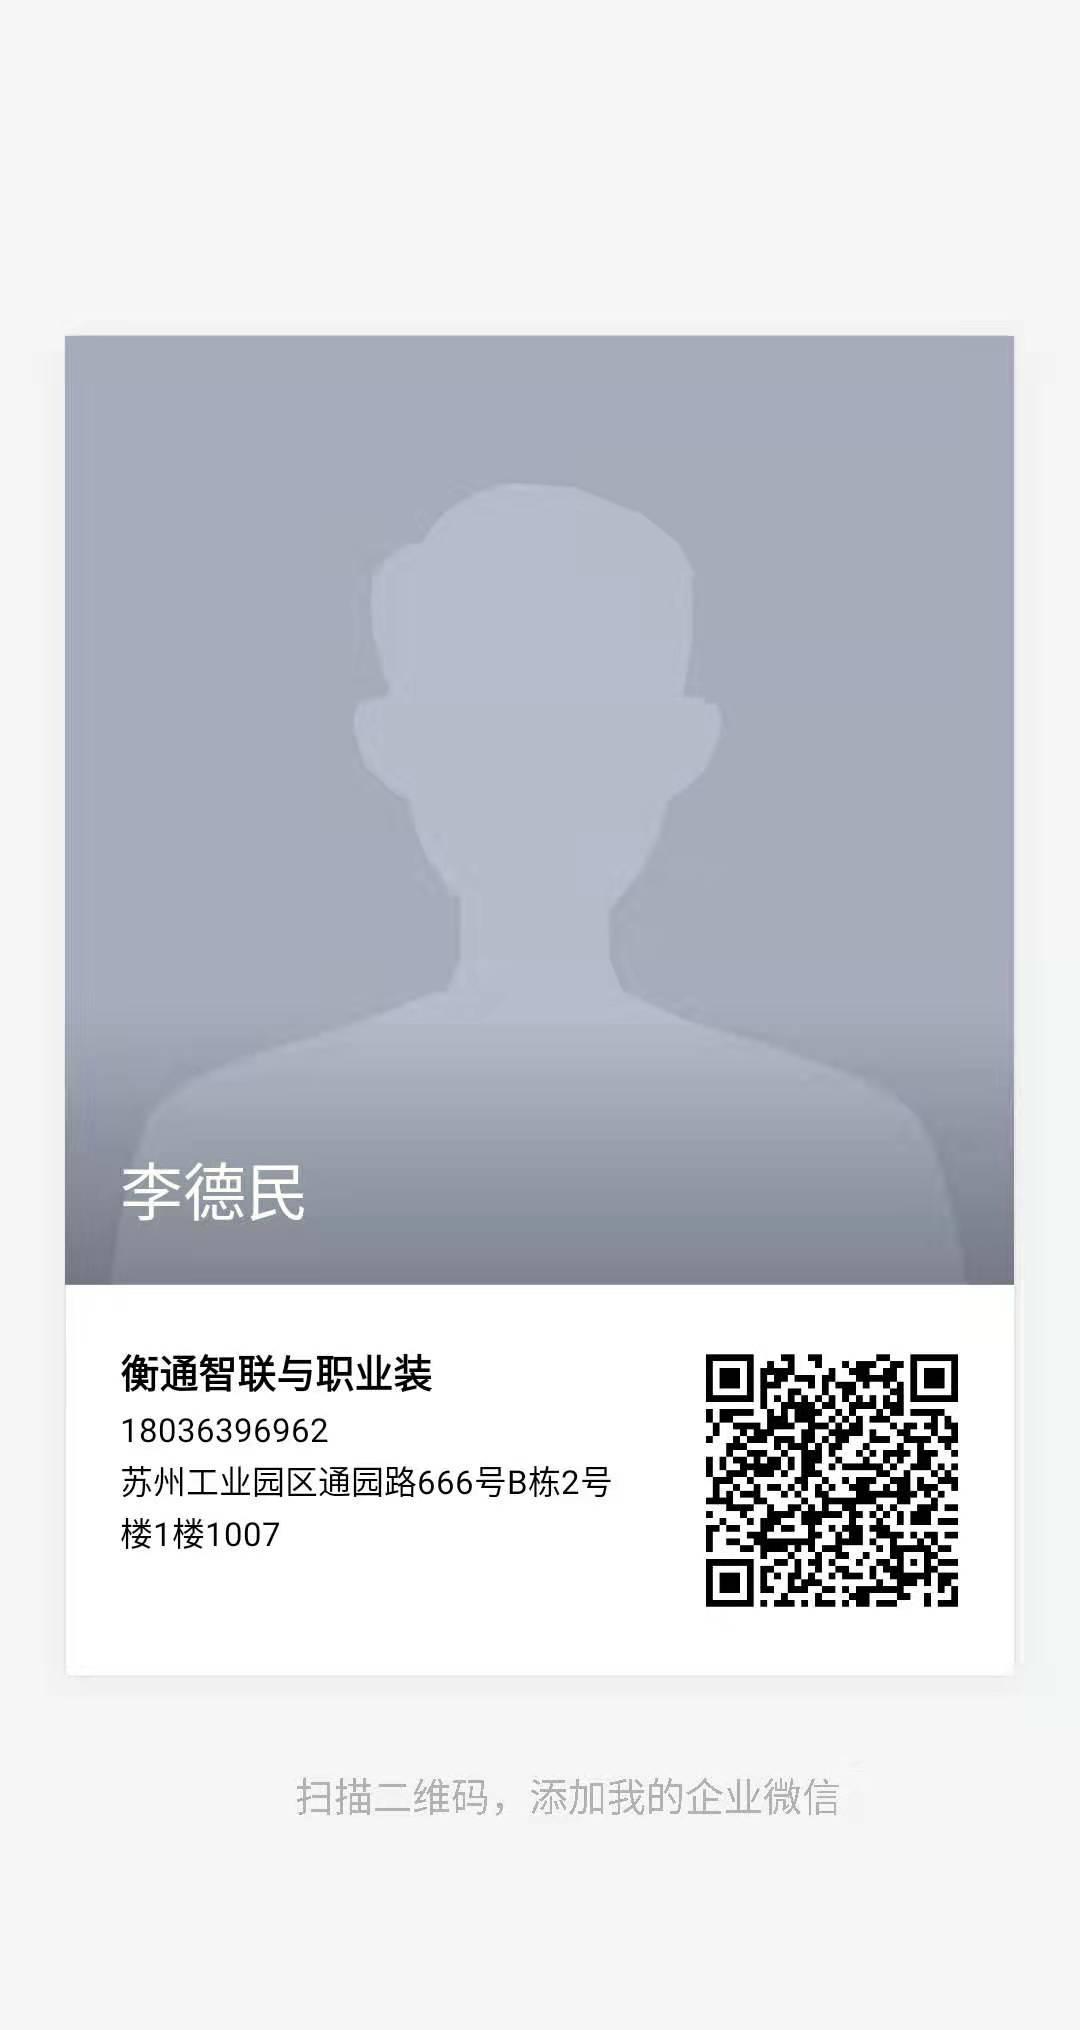 蘇州衡通定制職業裝有限公司